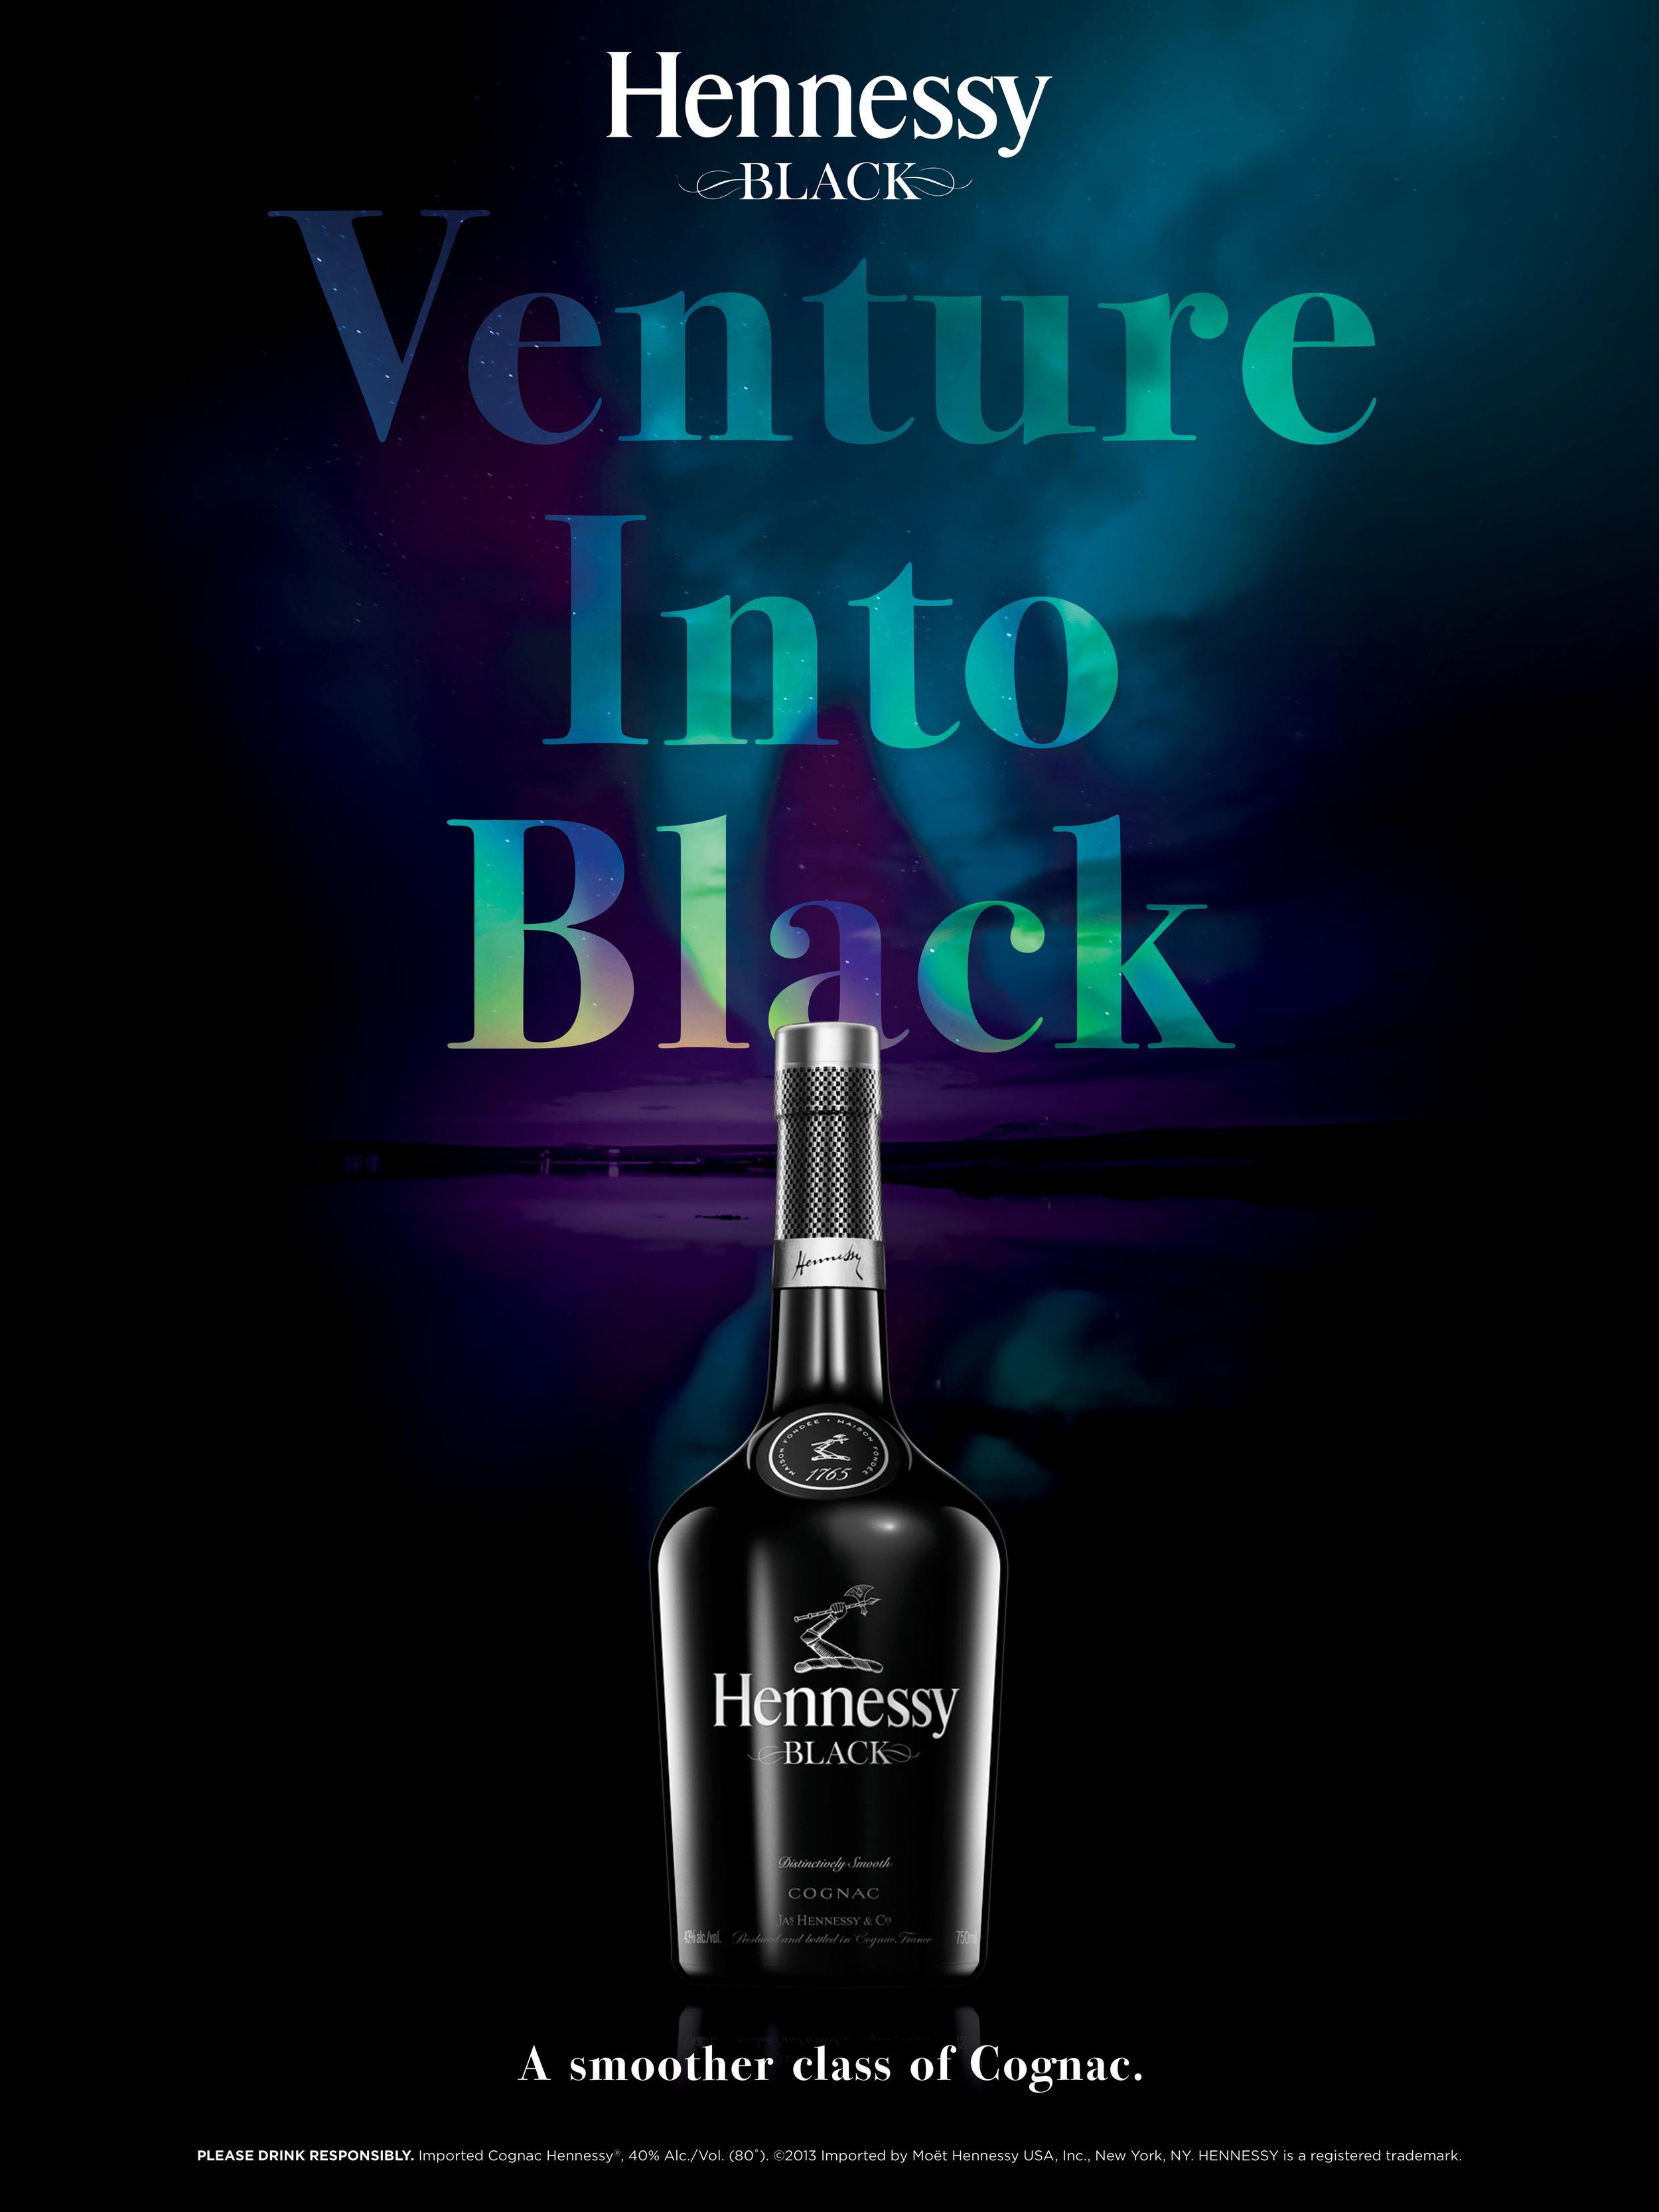 Hennesy Black